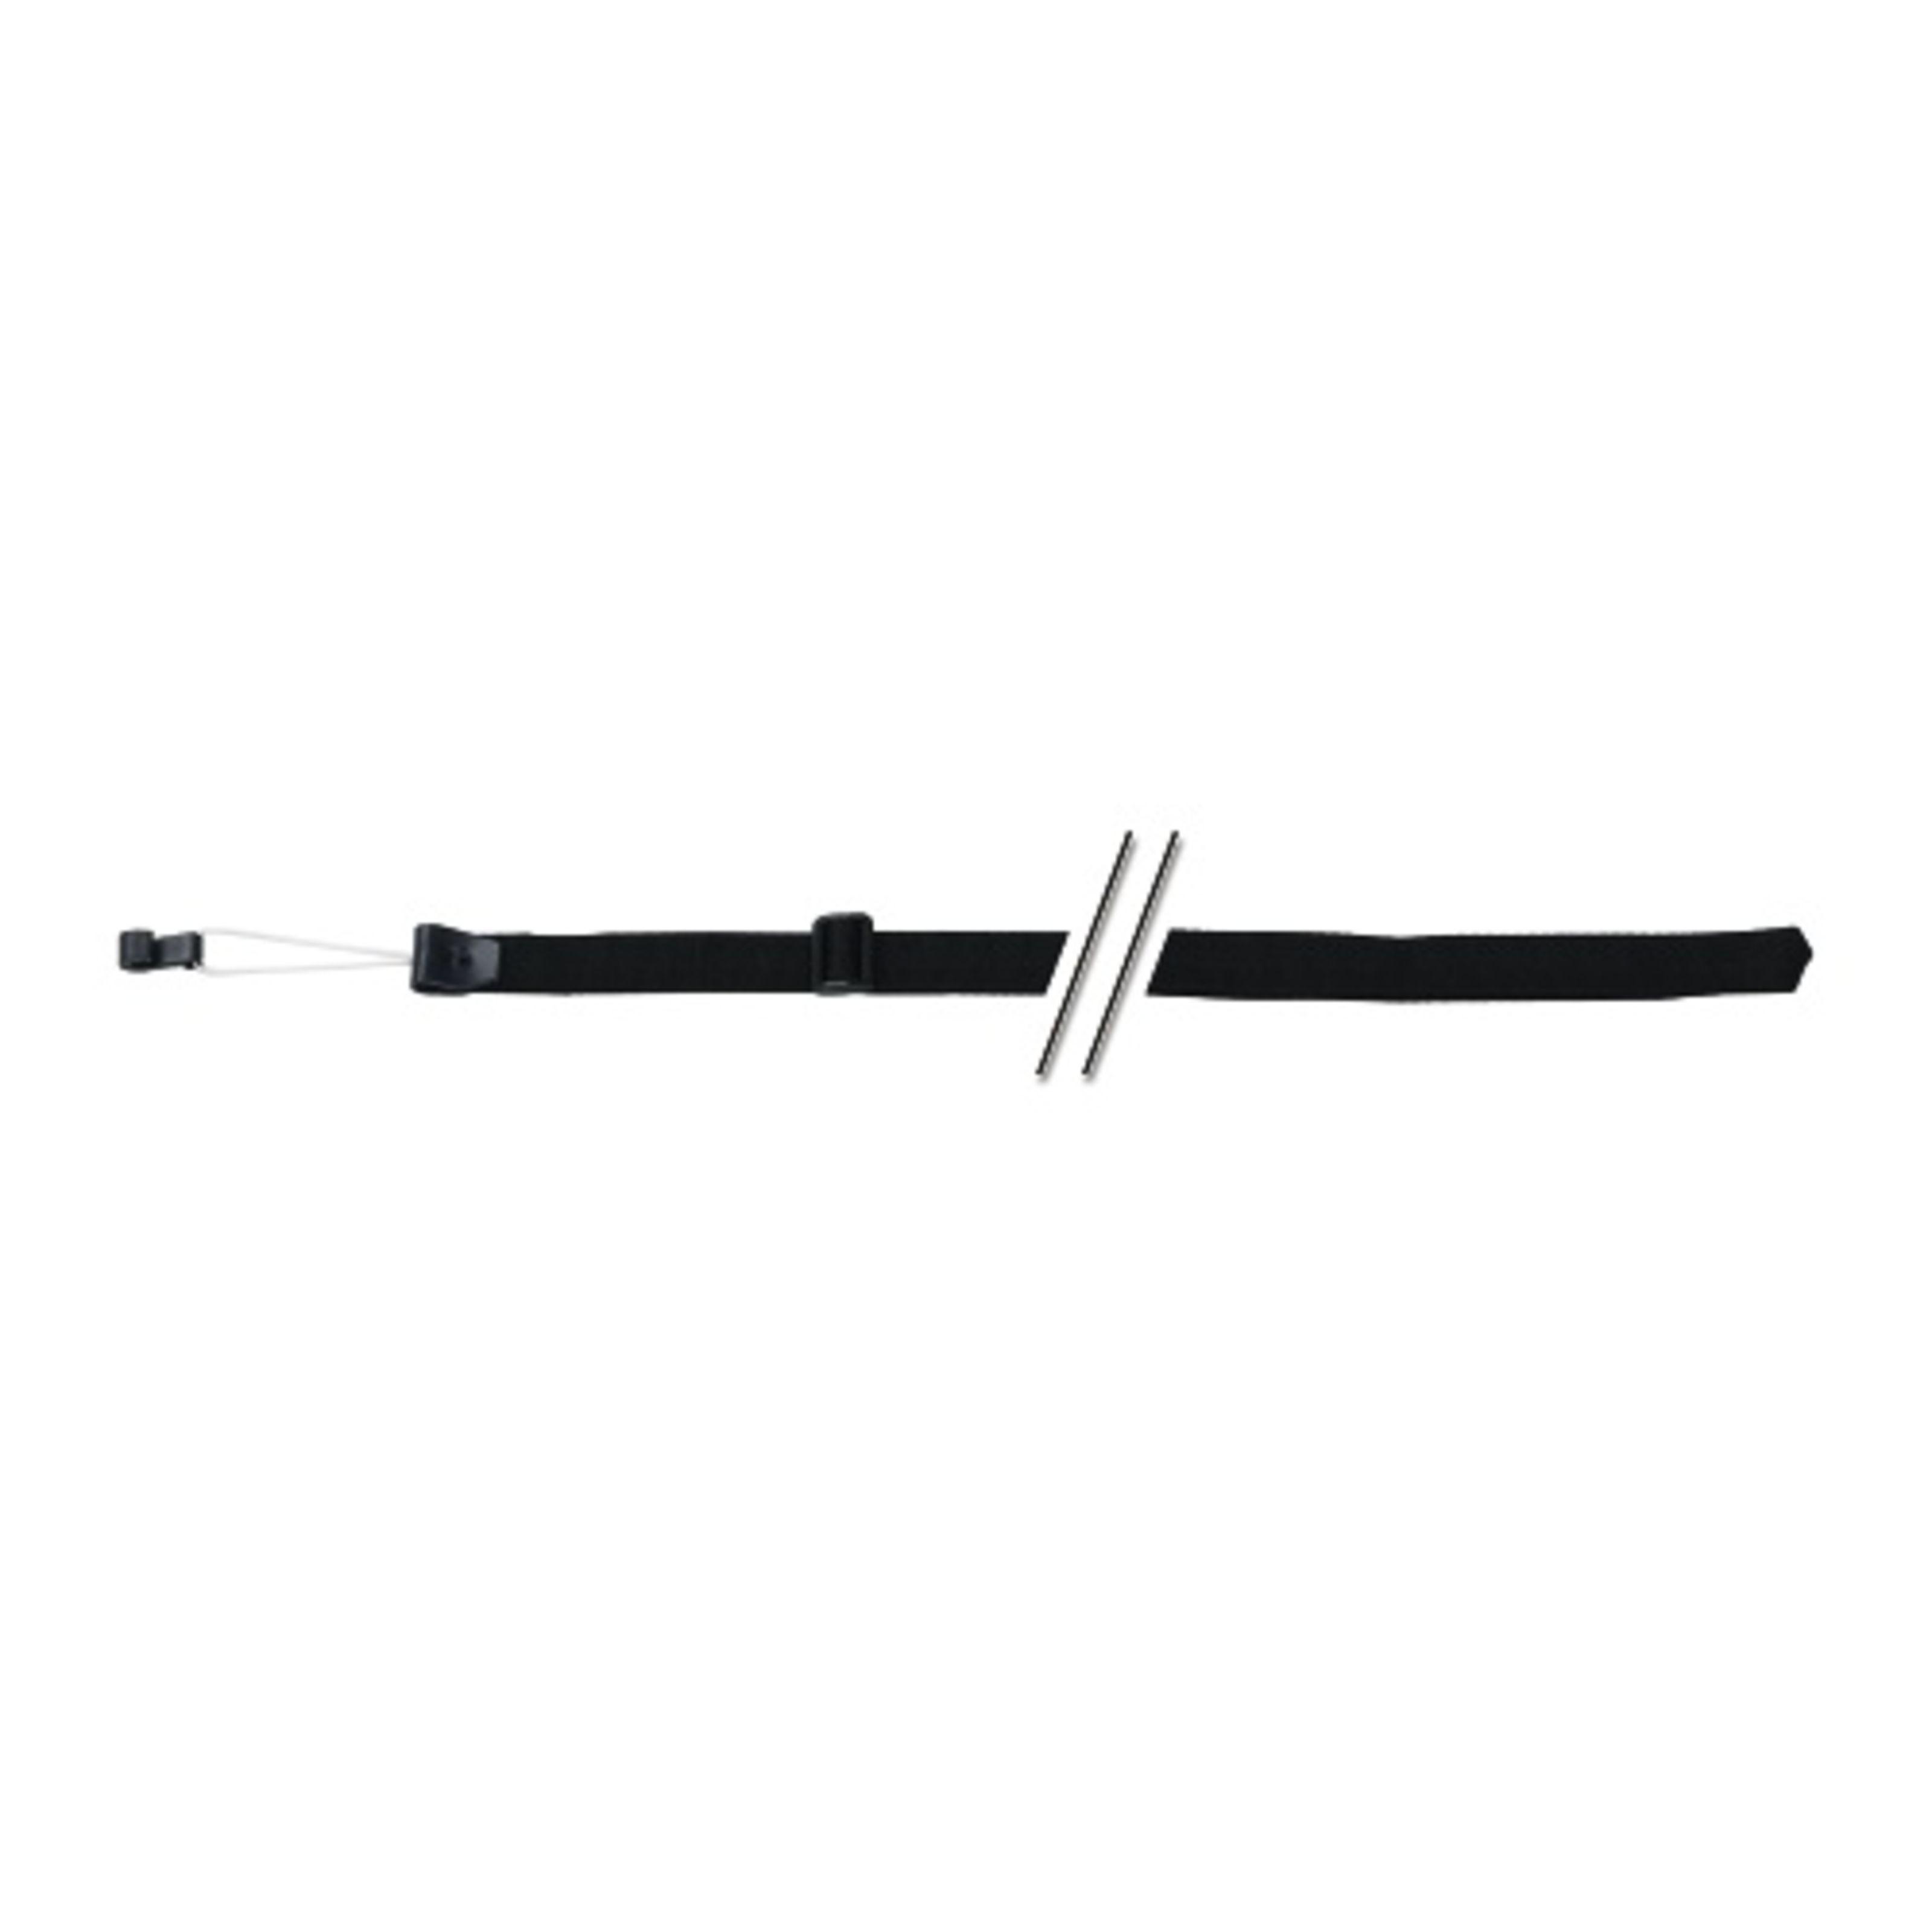 Gewa - Schallloch Tragband Gurt 25mm für Klassikgitarre 532.004